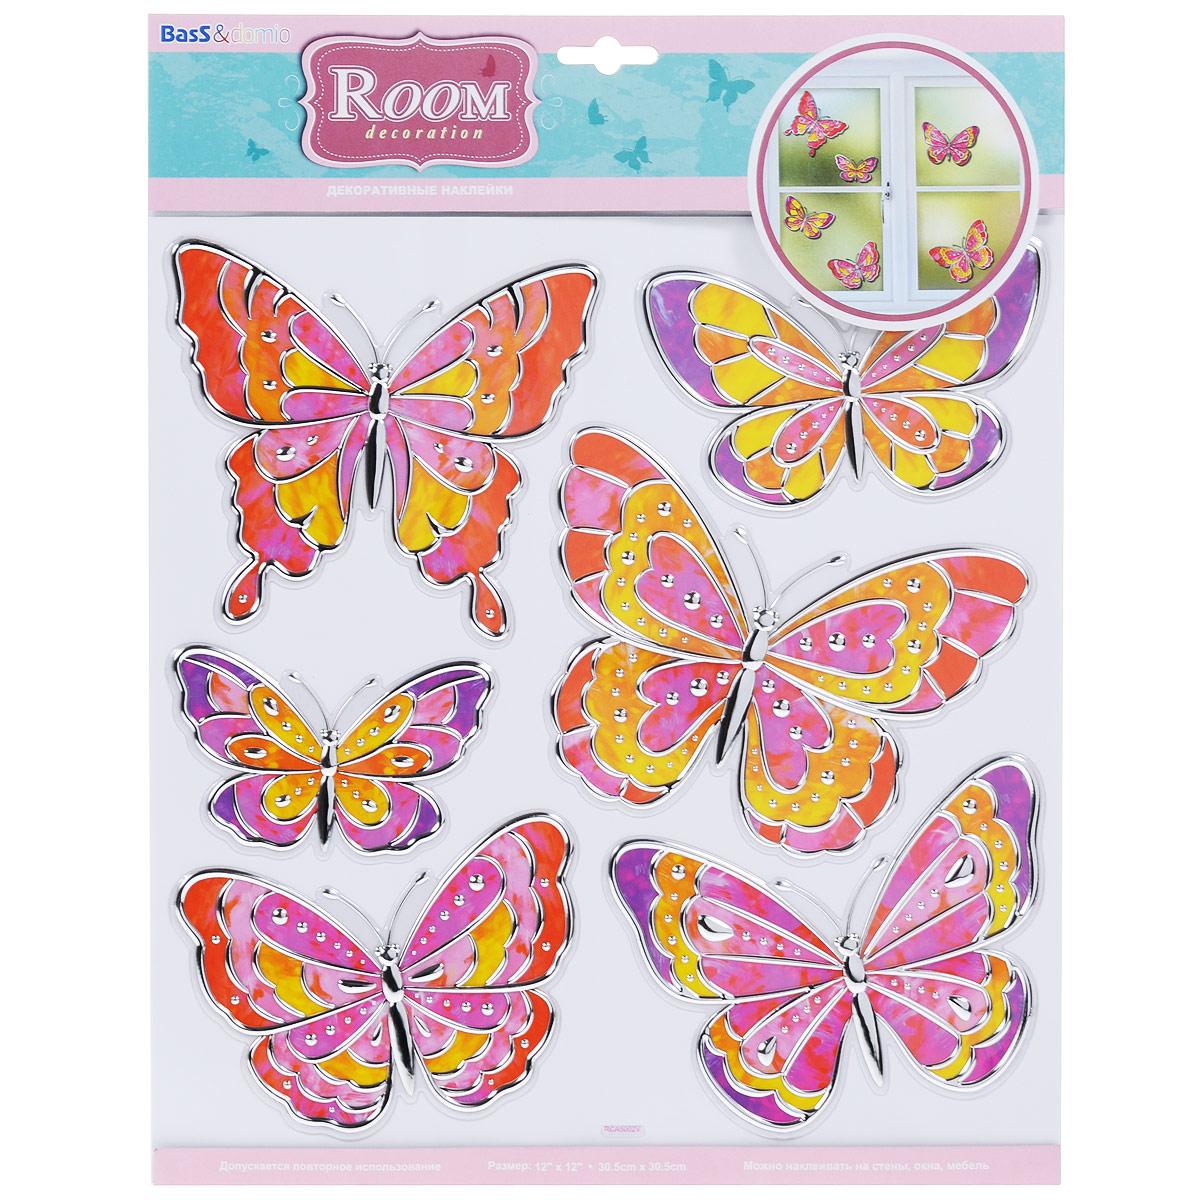 Наклейки для интерьера Room Decoration Витражные бабочки, 30,5 см х 30,5 смTHN132NНаклейки для стен и предметов интерьера Room Decoration Витражные бабочки, изготовленные из экологически безопасной самоклеящейся виниловой пленки - это удивительно простой и быстрый способ оживить интерьер помещения. На одном листе расположены 6 наклеек в виде цветов и разноцветных бабочек с серебристыми вставками.Интерьерные наклейки дадут вам вдохновение, которое изменит вашу жизнь и поможет погрузиться в мир ярких красок, фантазий и творчества. Для вас открываются безграничные возможности придумать оригинальный дизайн и придать новый вид стенам и мебели. Наклейки абсолютно безопасны для здоровья. Они быстро и легко наклеиваются на любые ровные поверхности: стены, окна, двери, кафельную плитку, виниловые и флизелиновые обои, стекла, мебель. При необходимости удобно снимаются, не оставляют следов и не повреждают поверхность (кроме бумажных обоев). Наклейки Room Decoration Витражные бабочки помогут вам изменить интерьер вокруг себя: в детской комнате и гостиной, на кухне и в прихожей, витрину кафе и магазина, детский садик и офис.